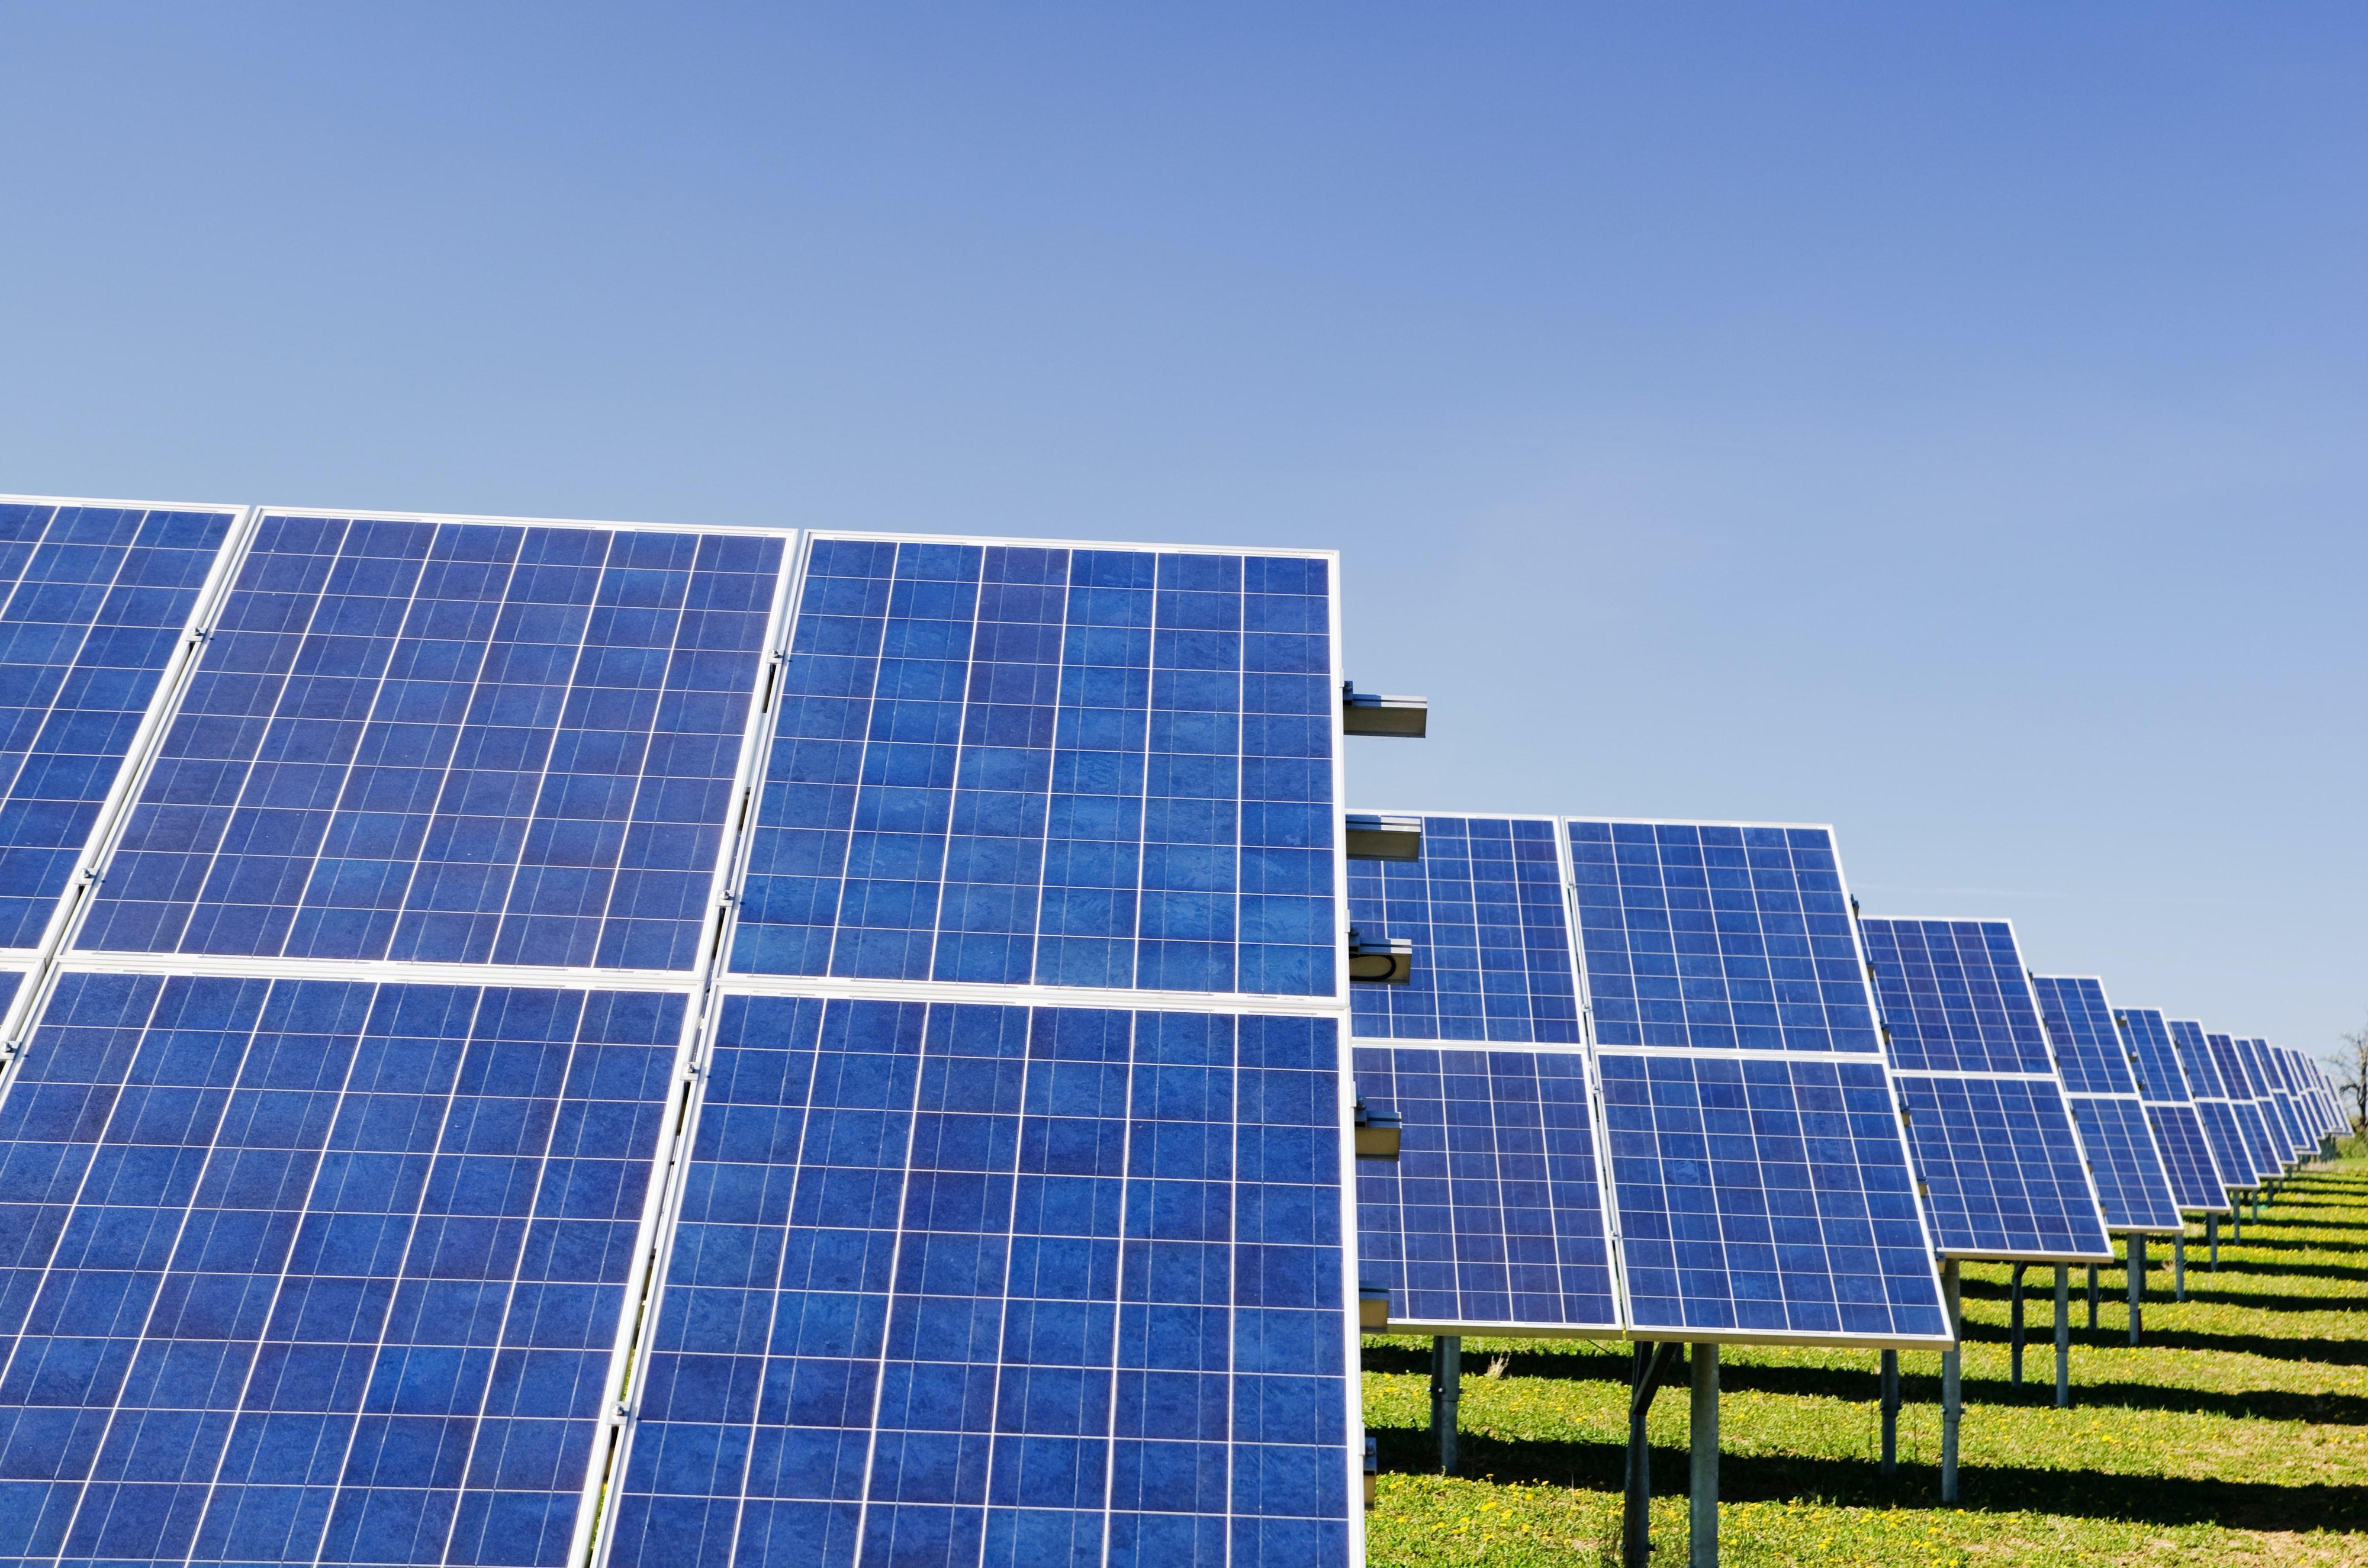 Trantsizio energetikoaren inguruko online saioa antolatu du Debagoiena 2030 egitasmoak